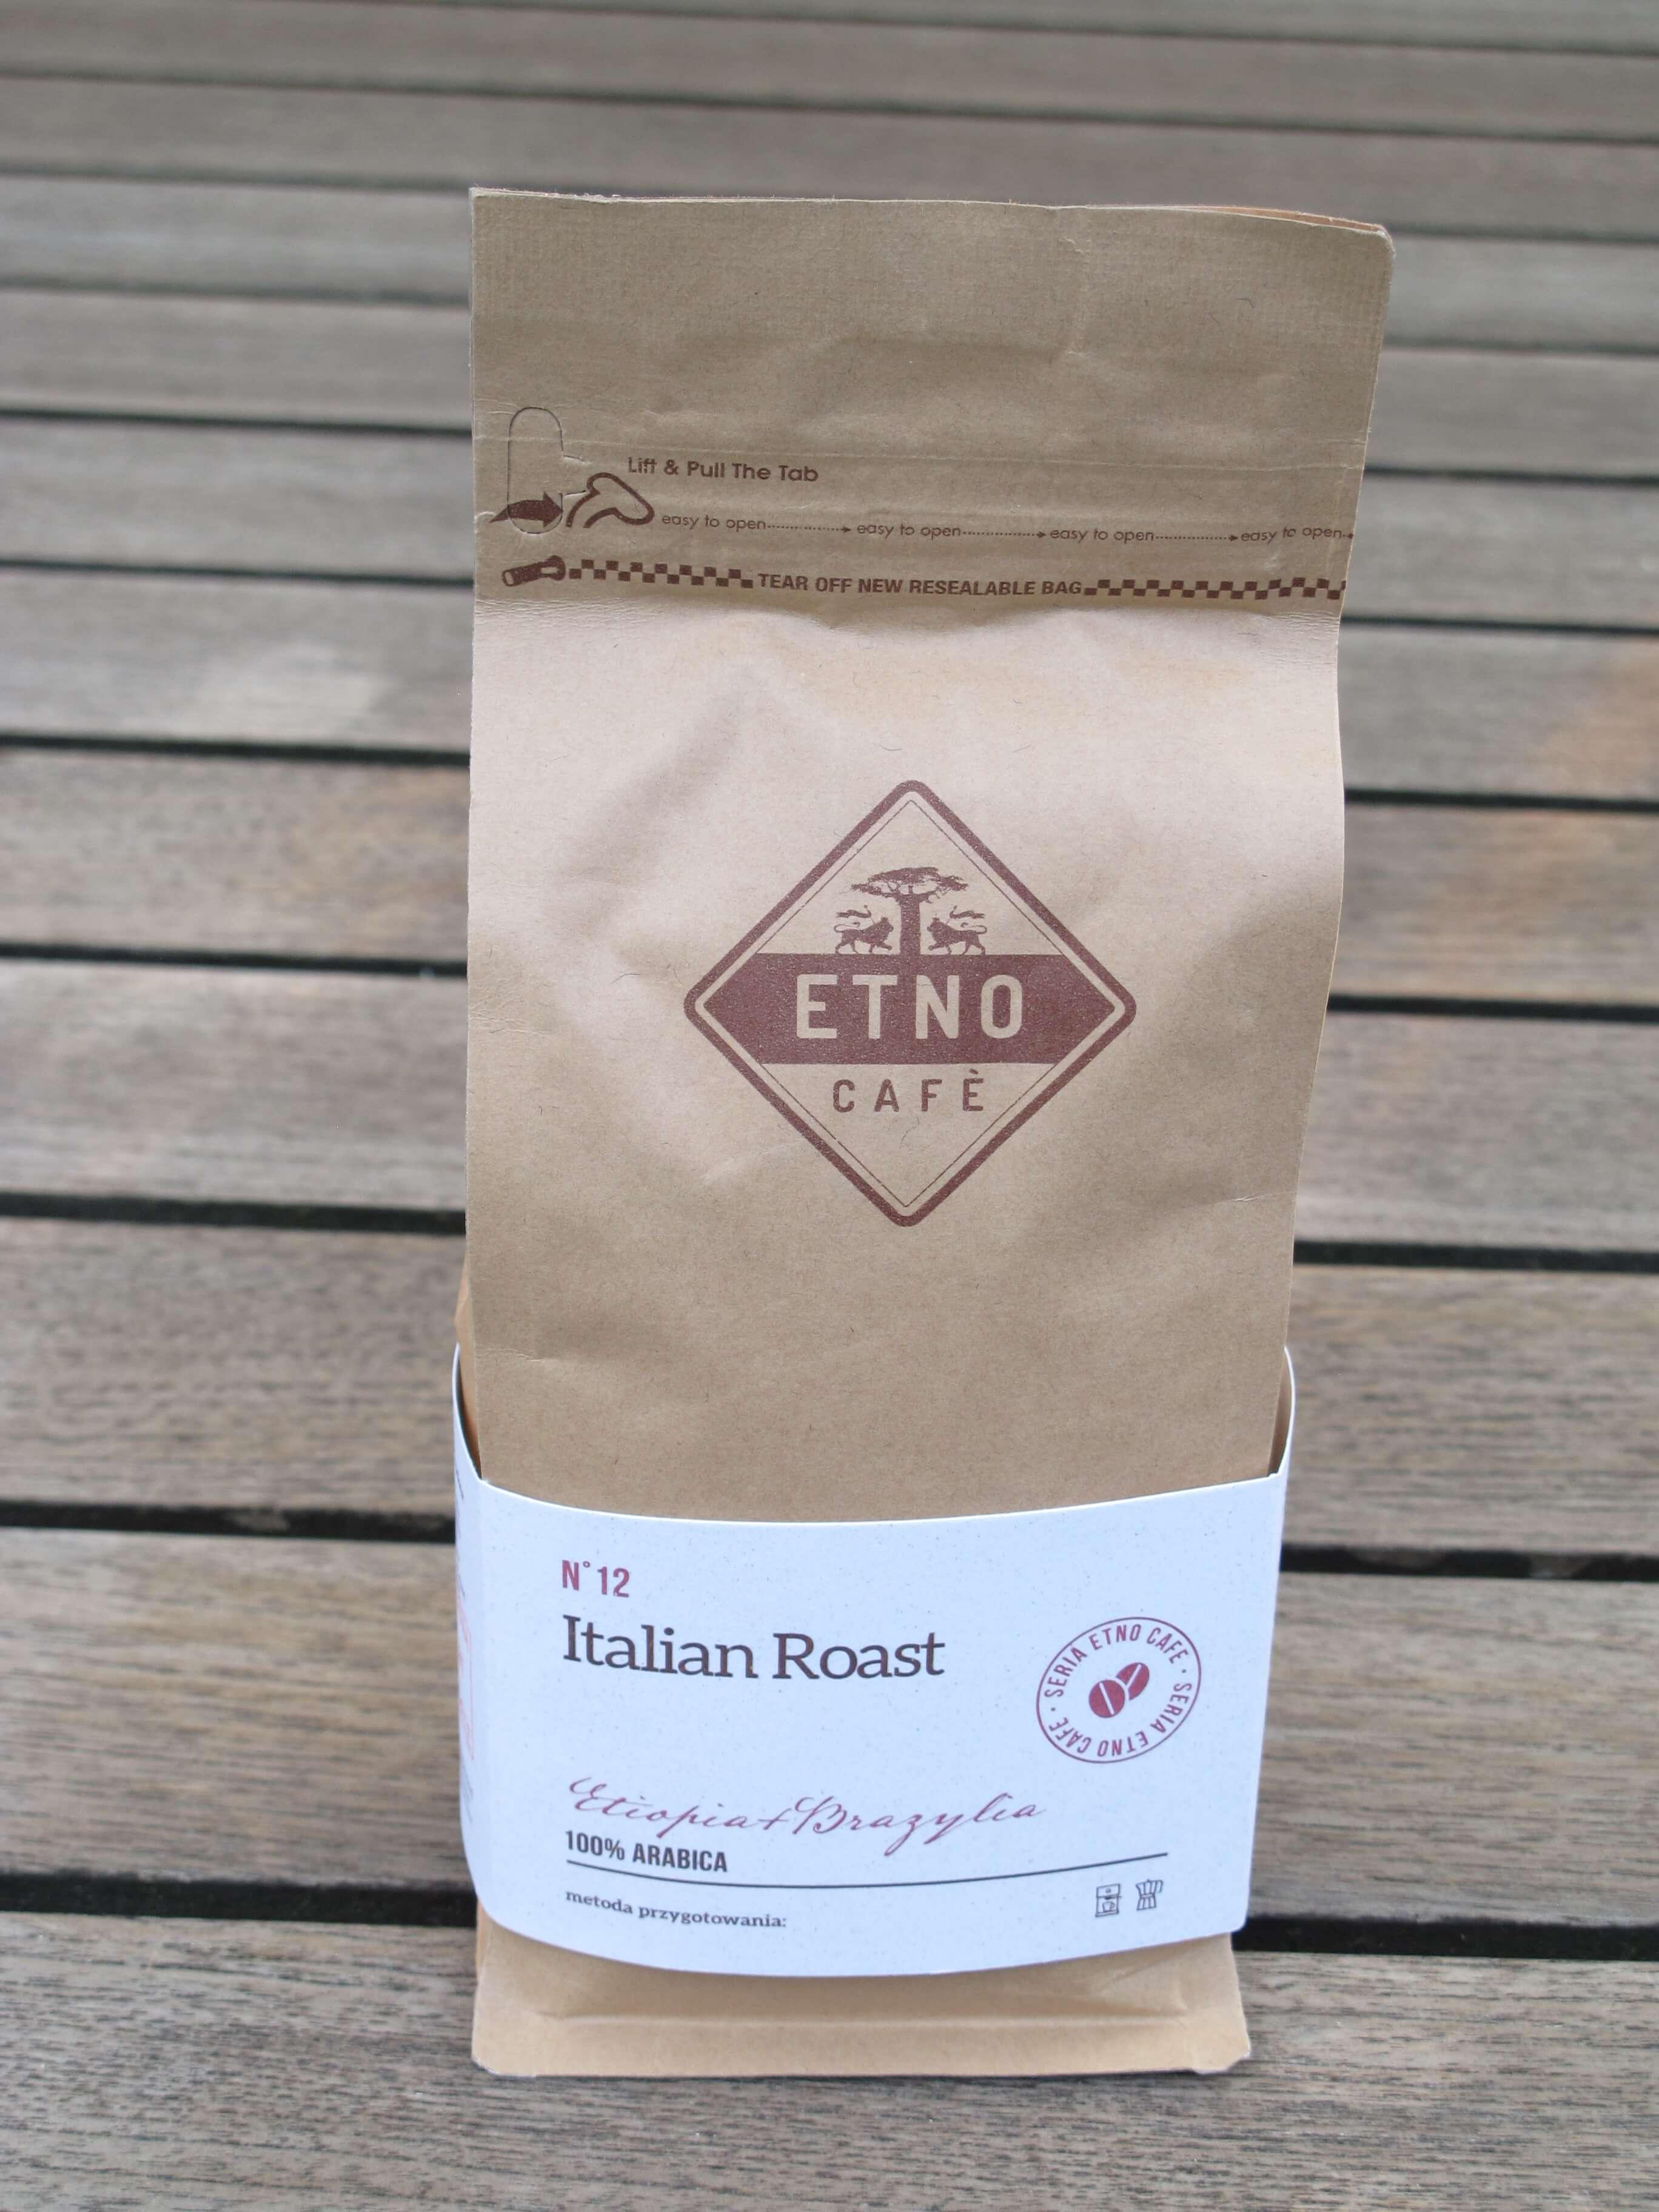 kawa Italian Roast z Etnocafe